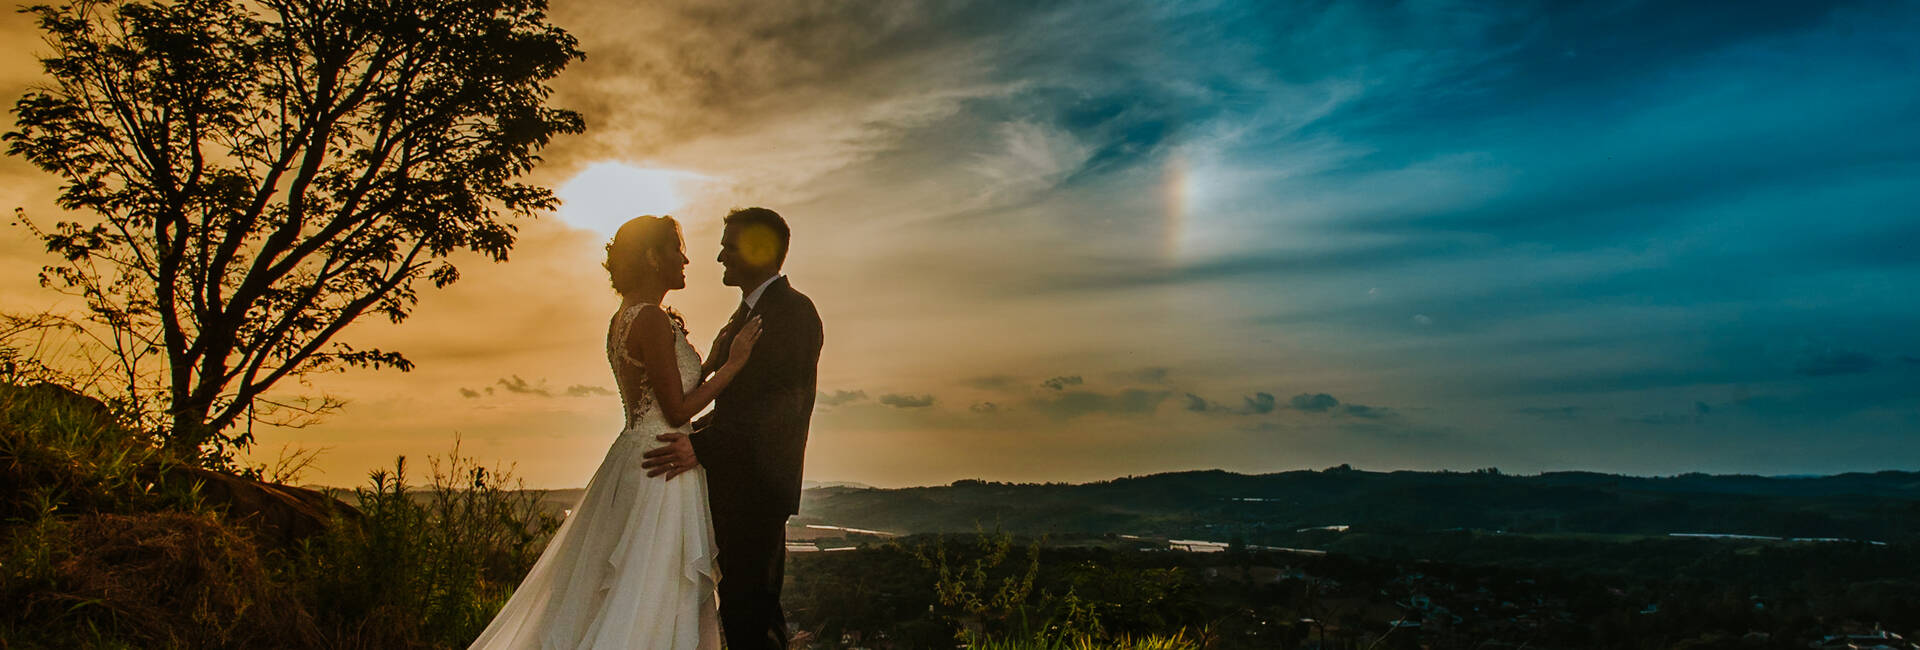 Casamento de Priscila e Garrett